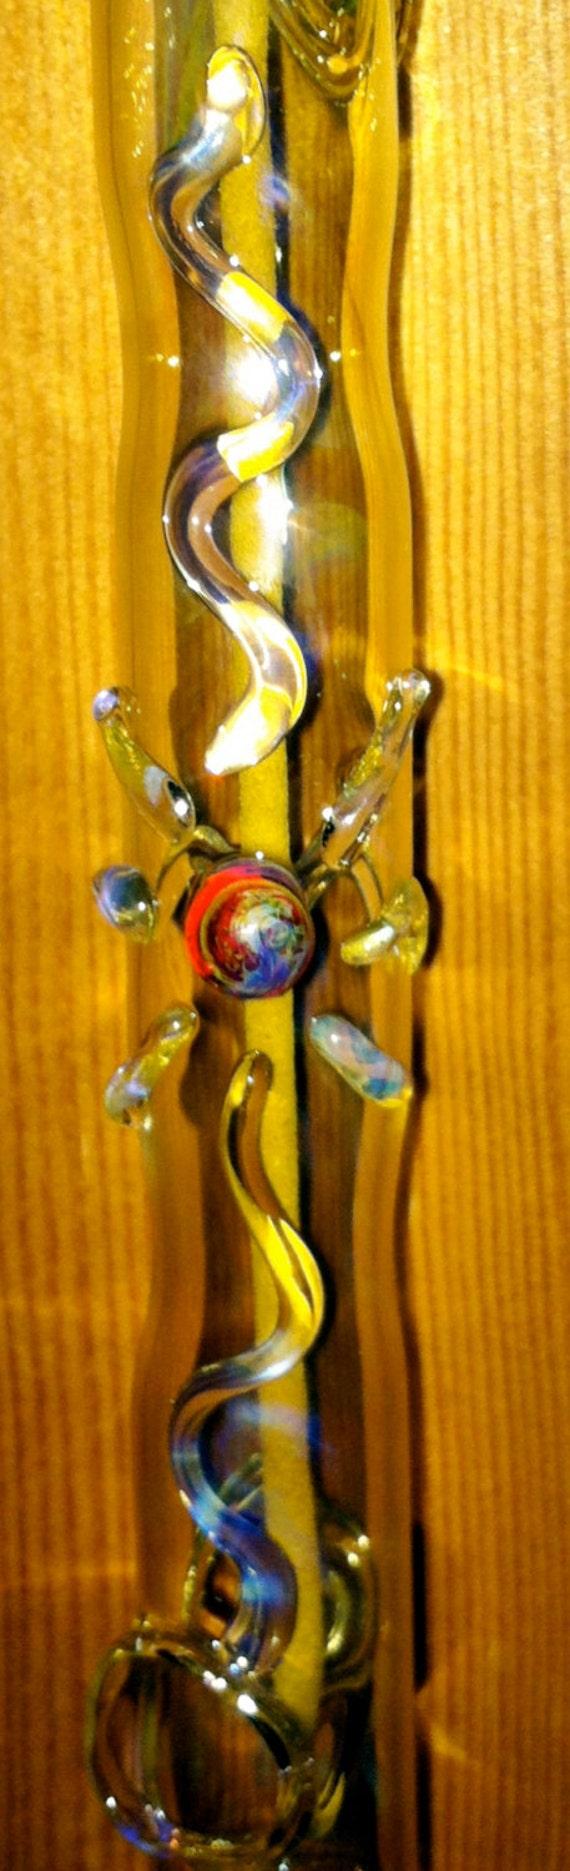 Hanging Incense Burner Color Changing with Sunburst Symbol 2